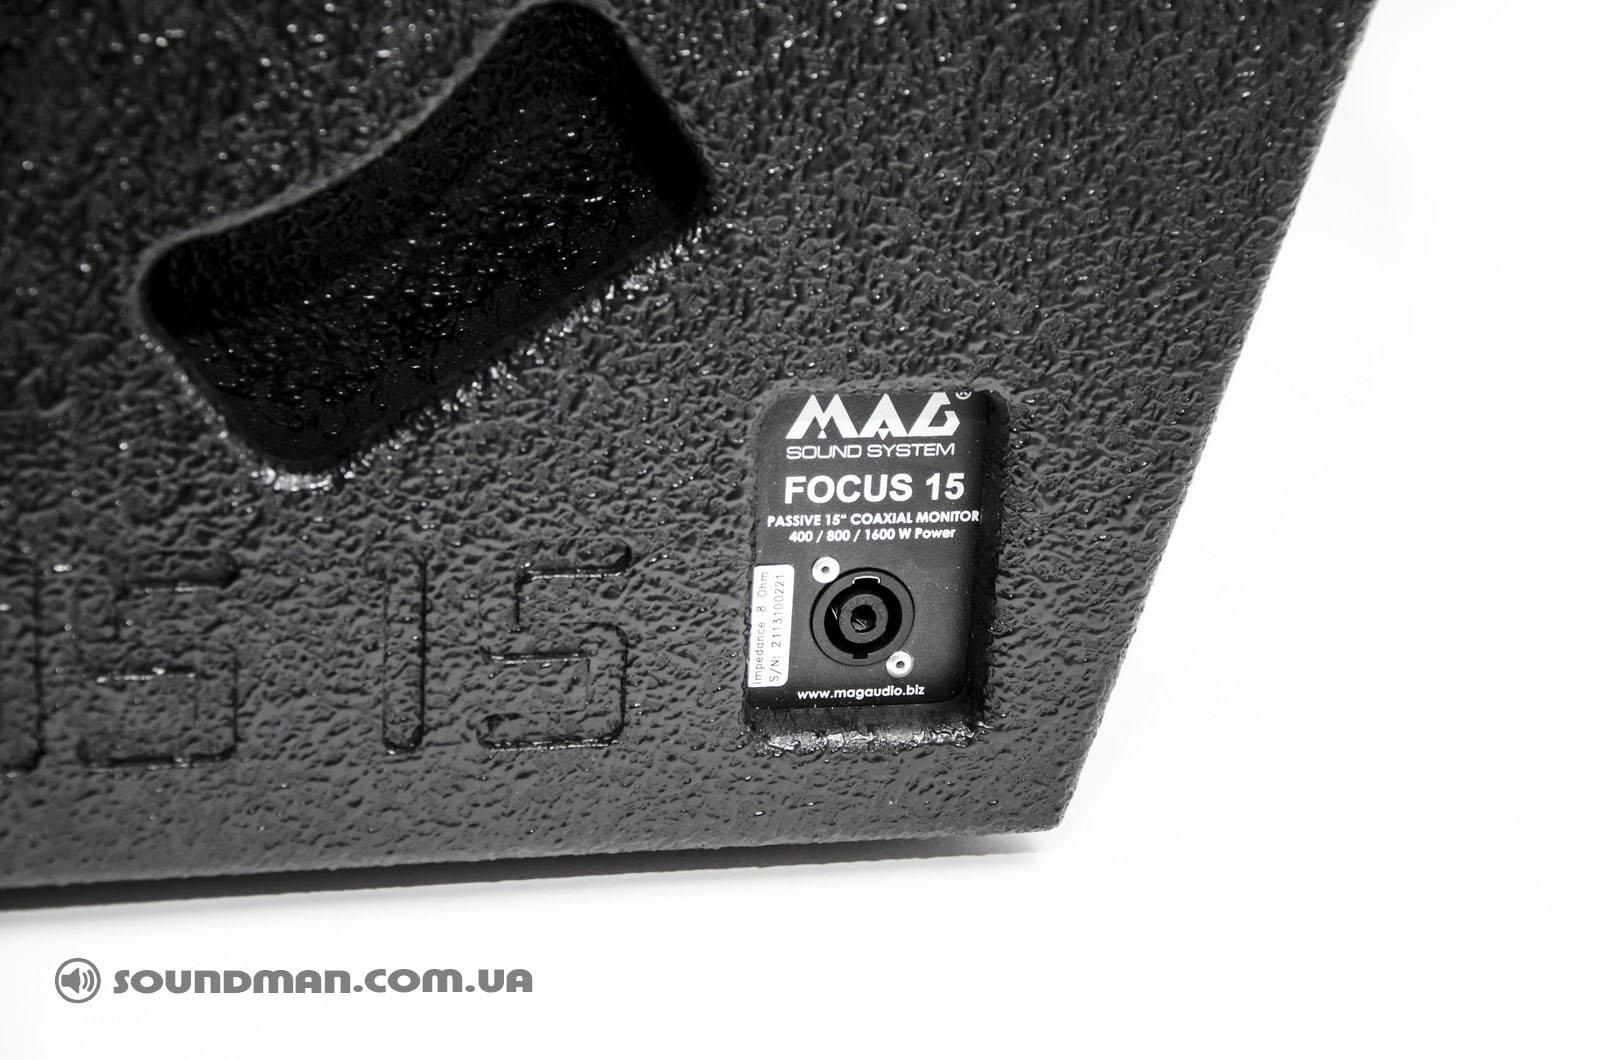 MAG Focus 15